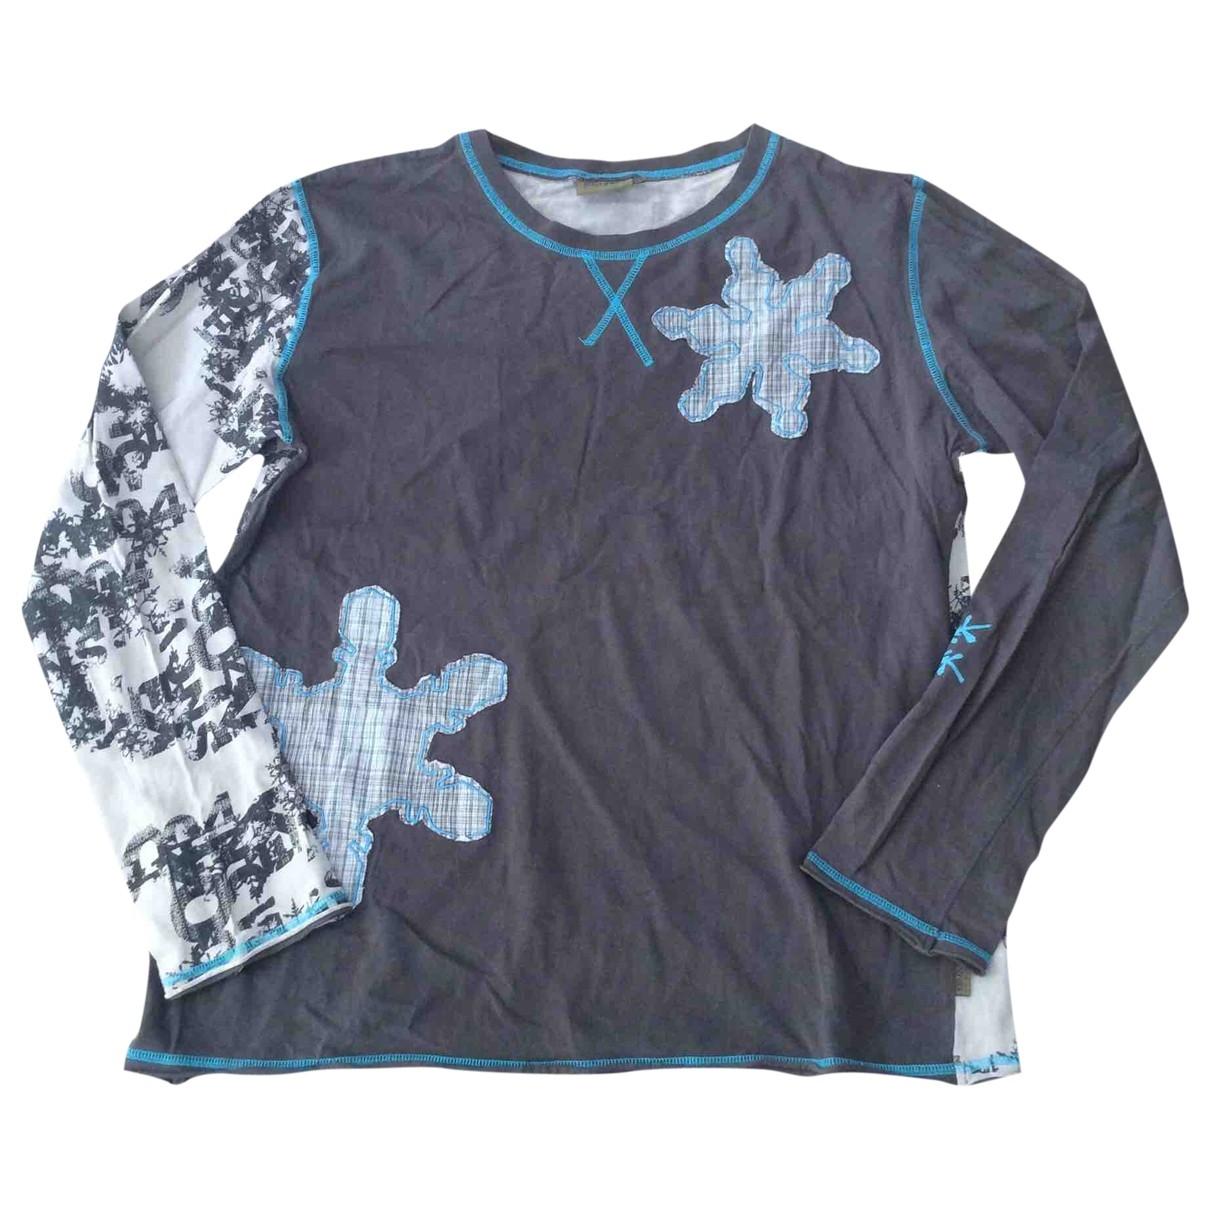 Kenzo - Tee shirts   pour homme en coton - multicolore